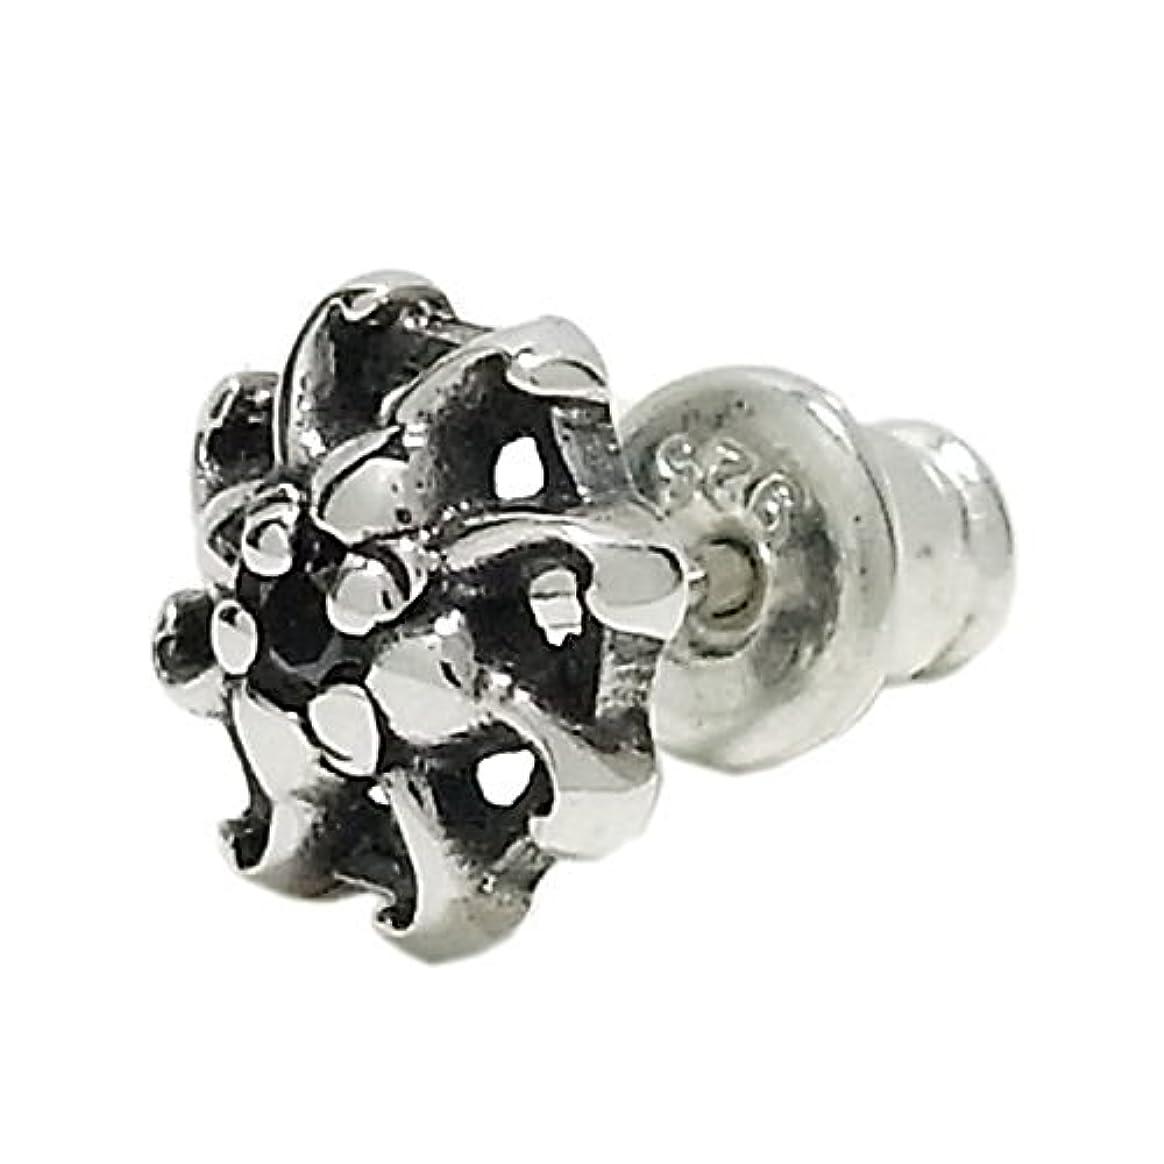 強度信頼できる記憶新宿銀の蔵 ブラックジルコニア ハリケーン シルバーピアス (1P) メンズ ハード 人気 メンズ